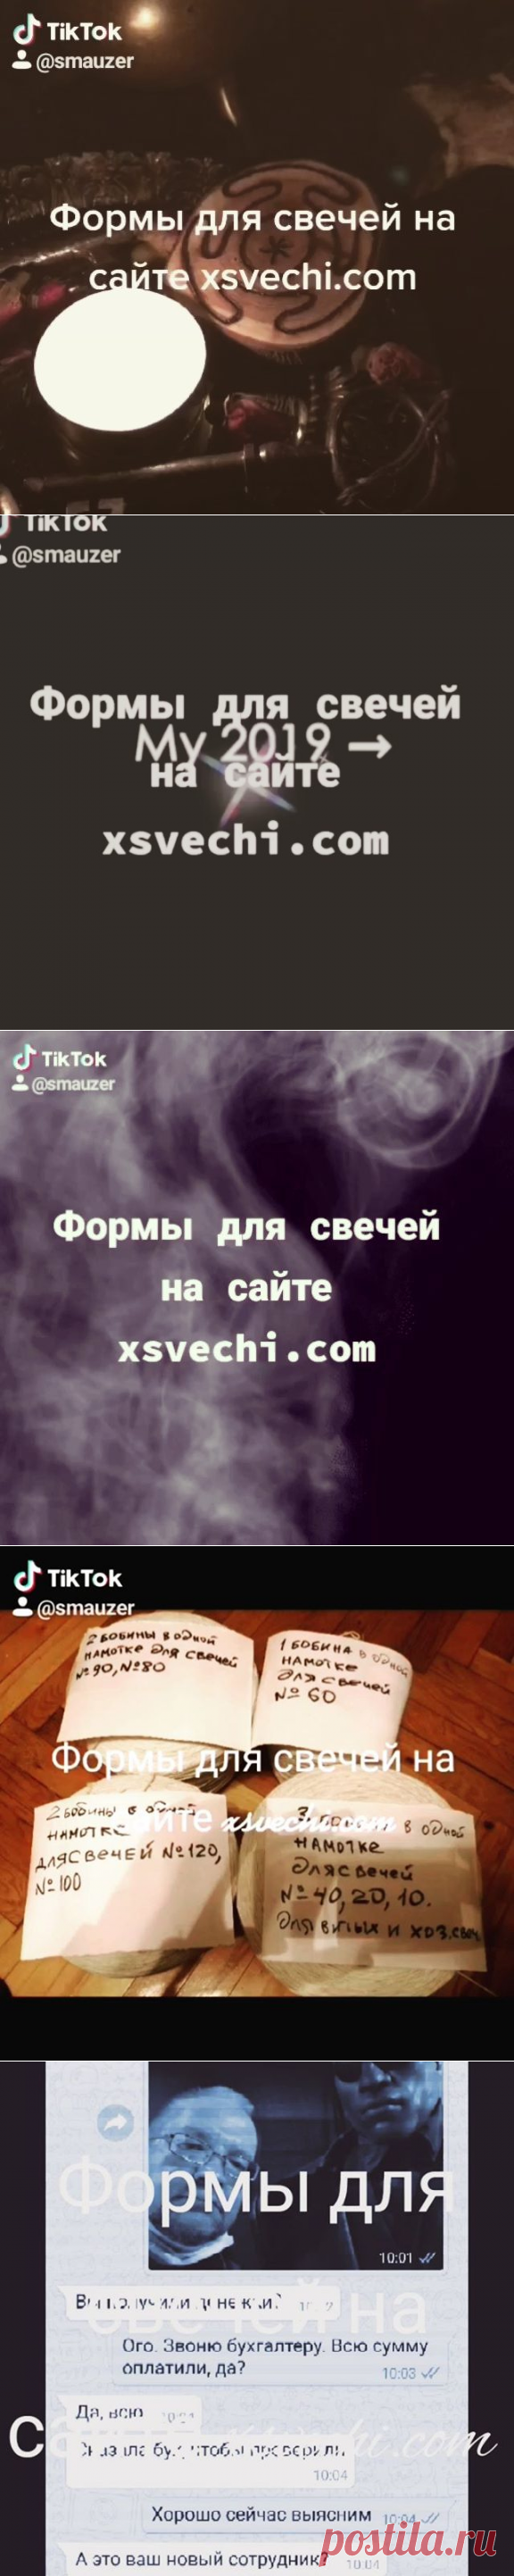 🤜Магазин свечных форм🤛 (@ubersvechi) • Фото и видео в Instagram